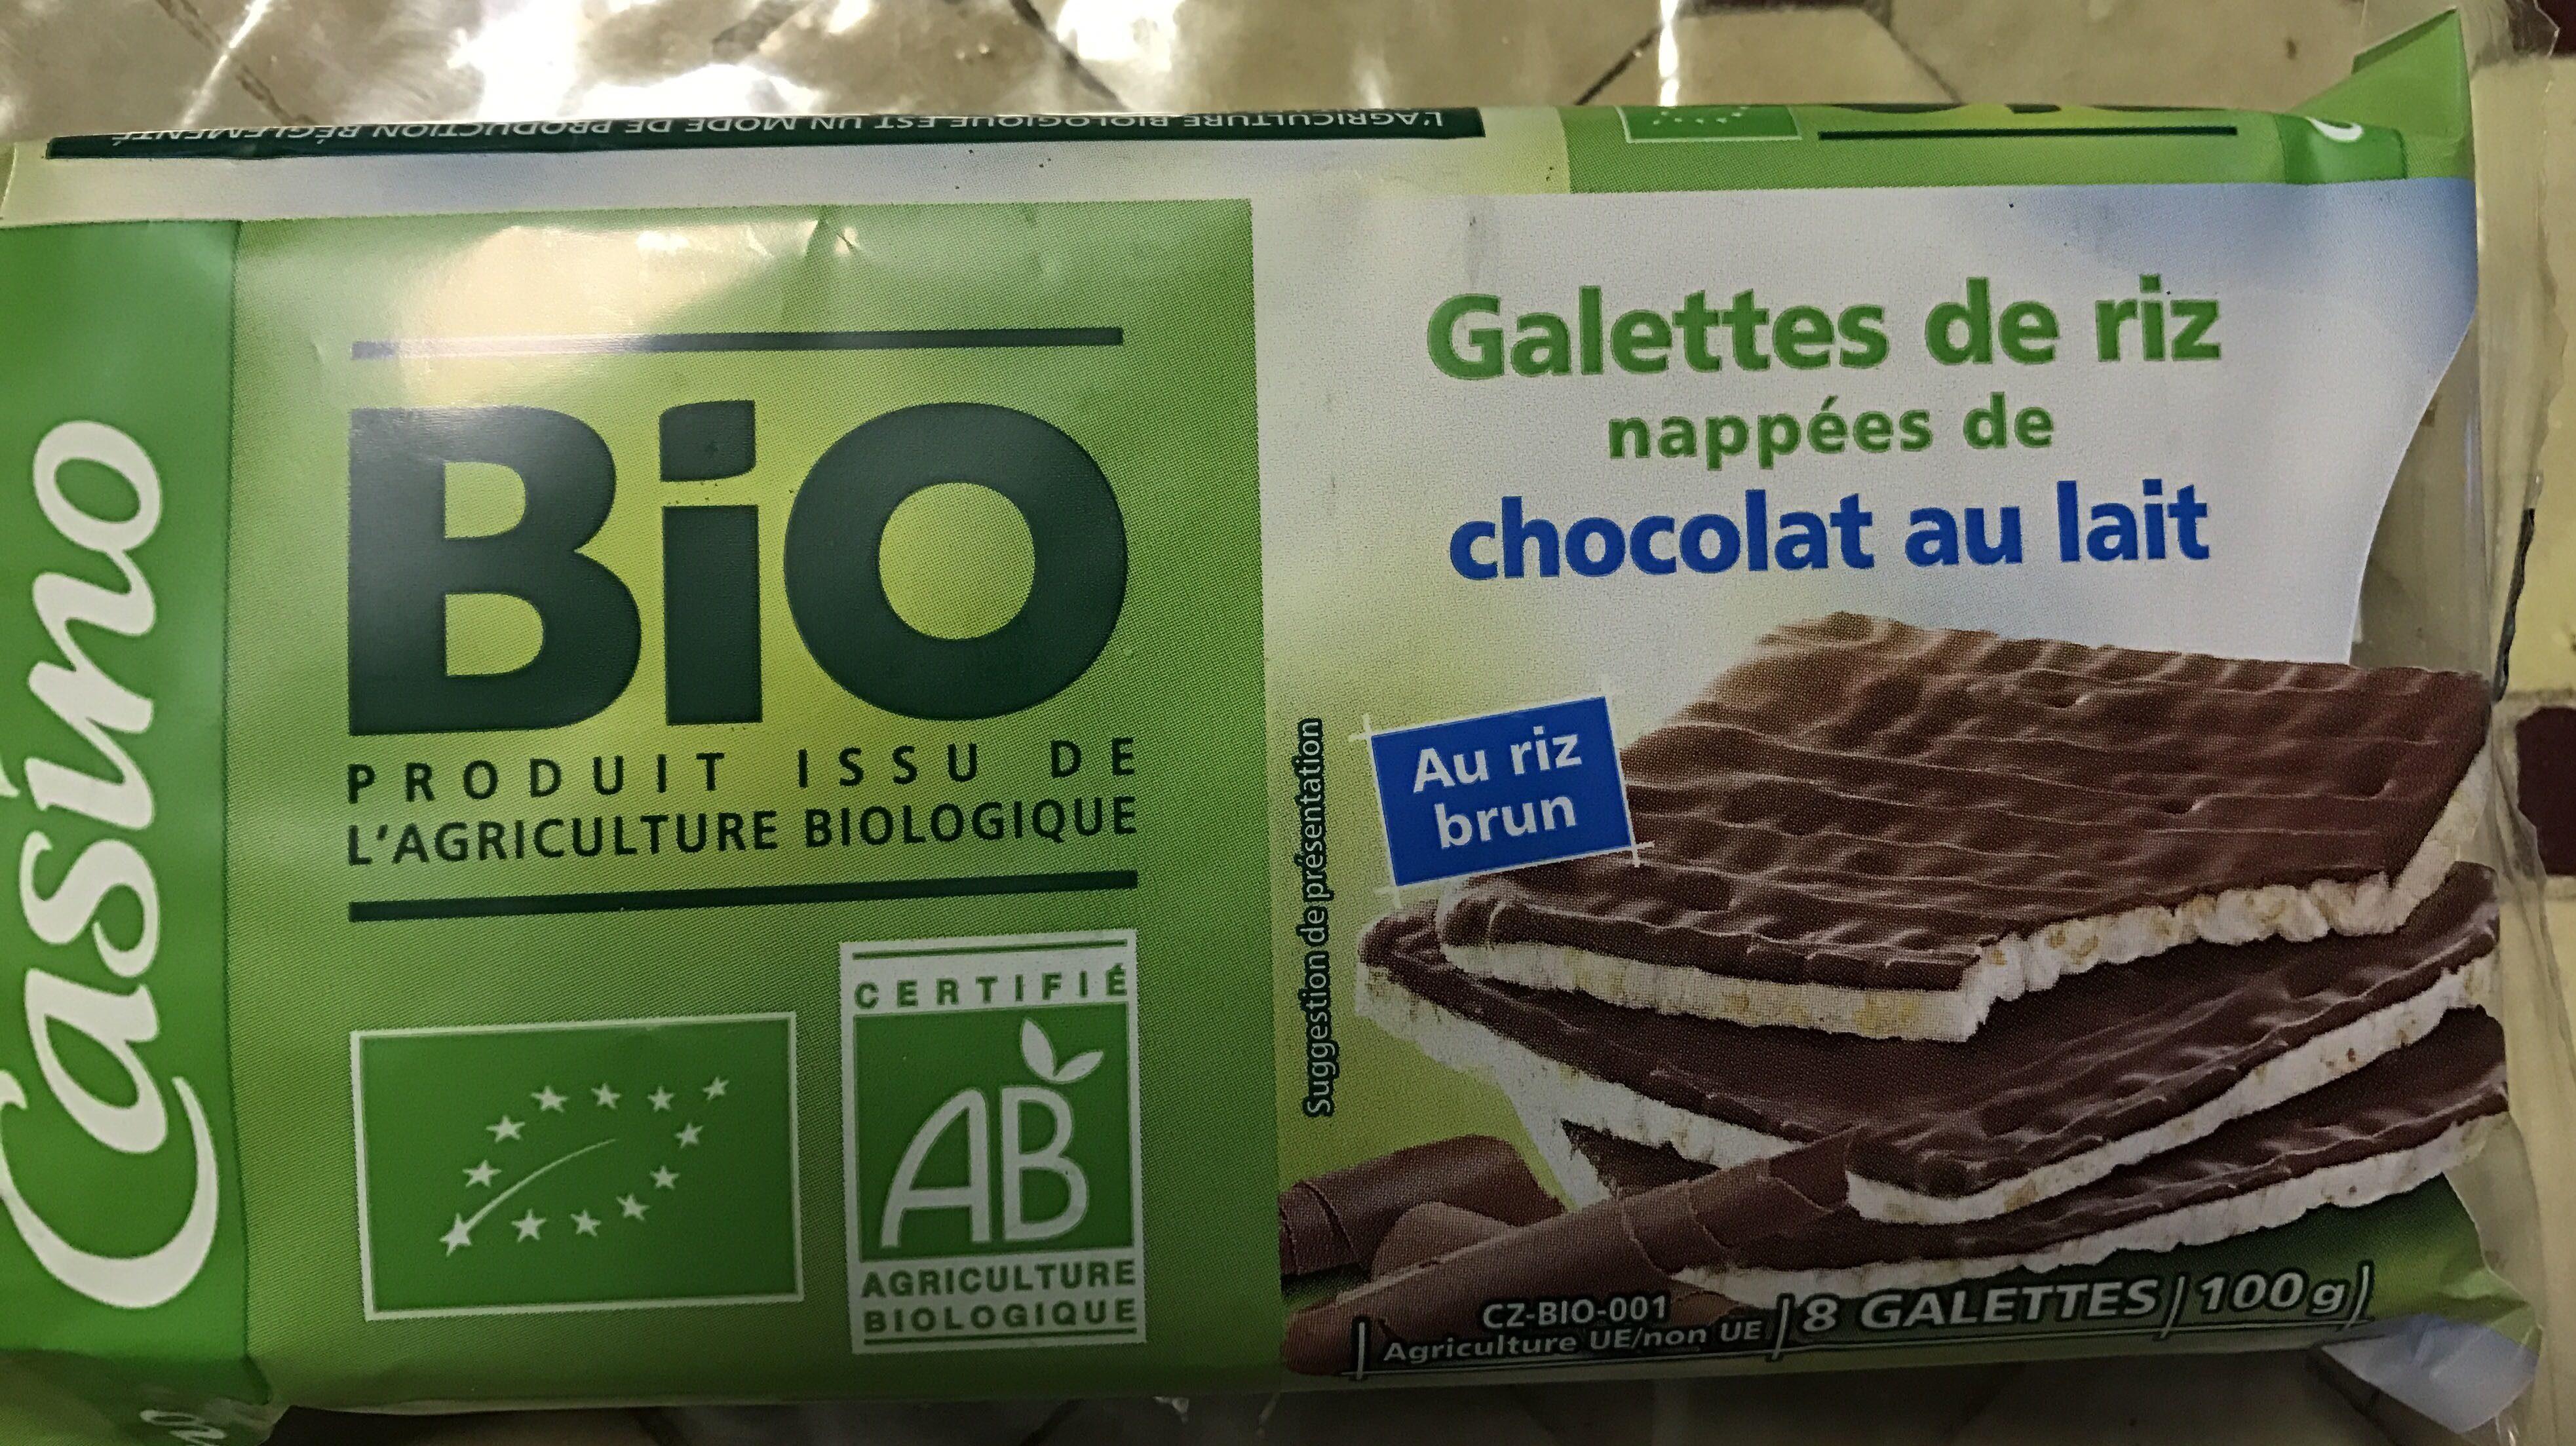 Galettes de riz nappées de chocolat au lait - Prodotto - fr